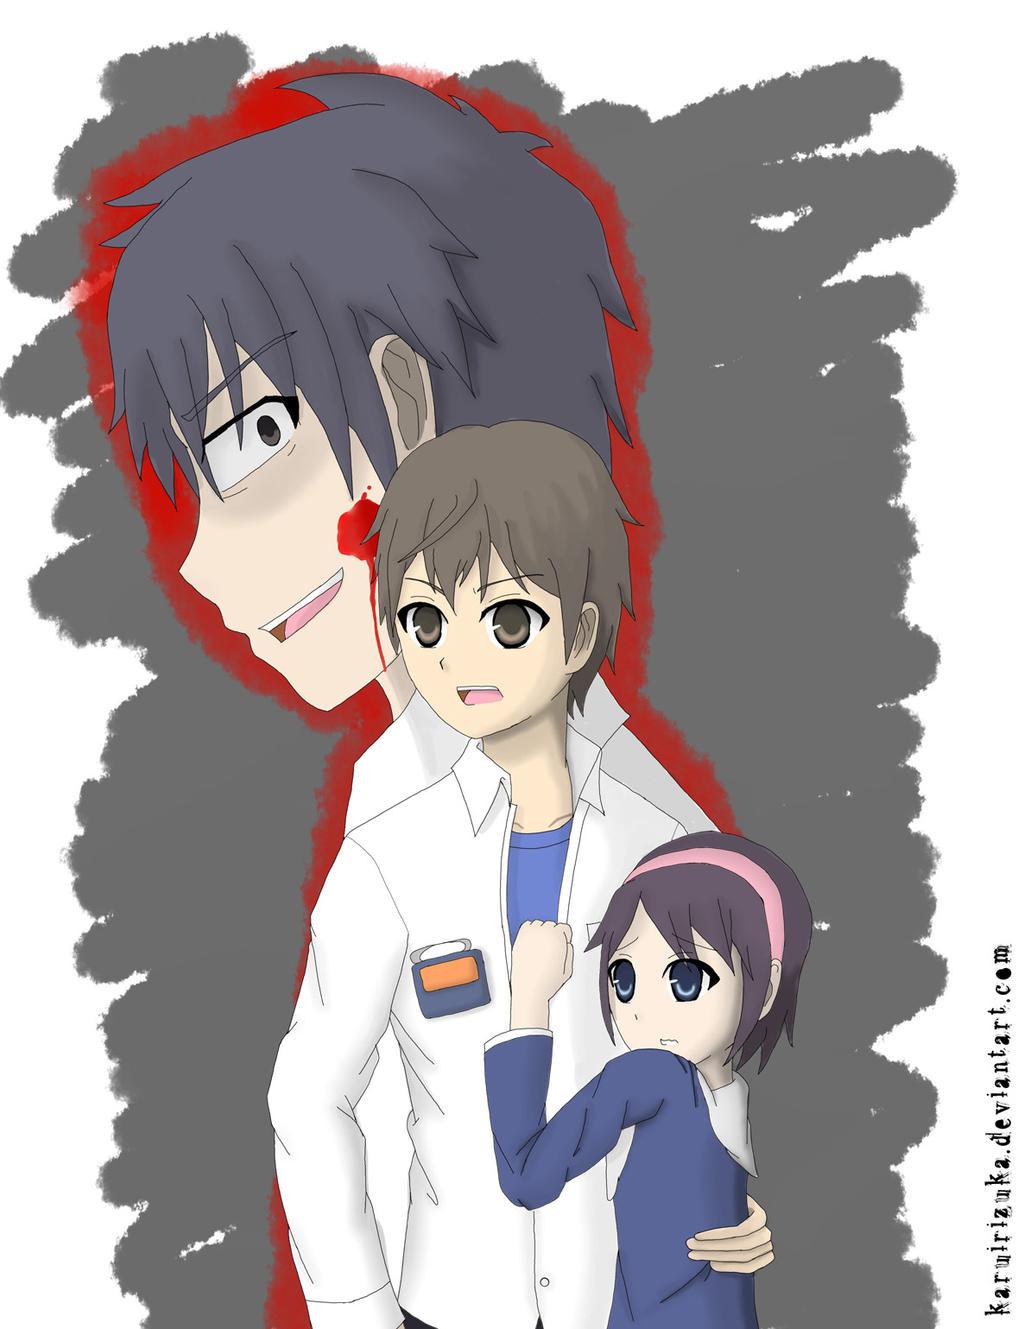 Corpse Party Satoshi Yuka Kizami By Karuirizuka On Deviantart